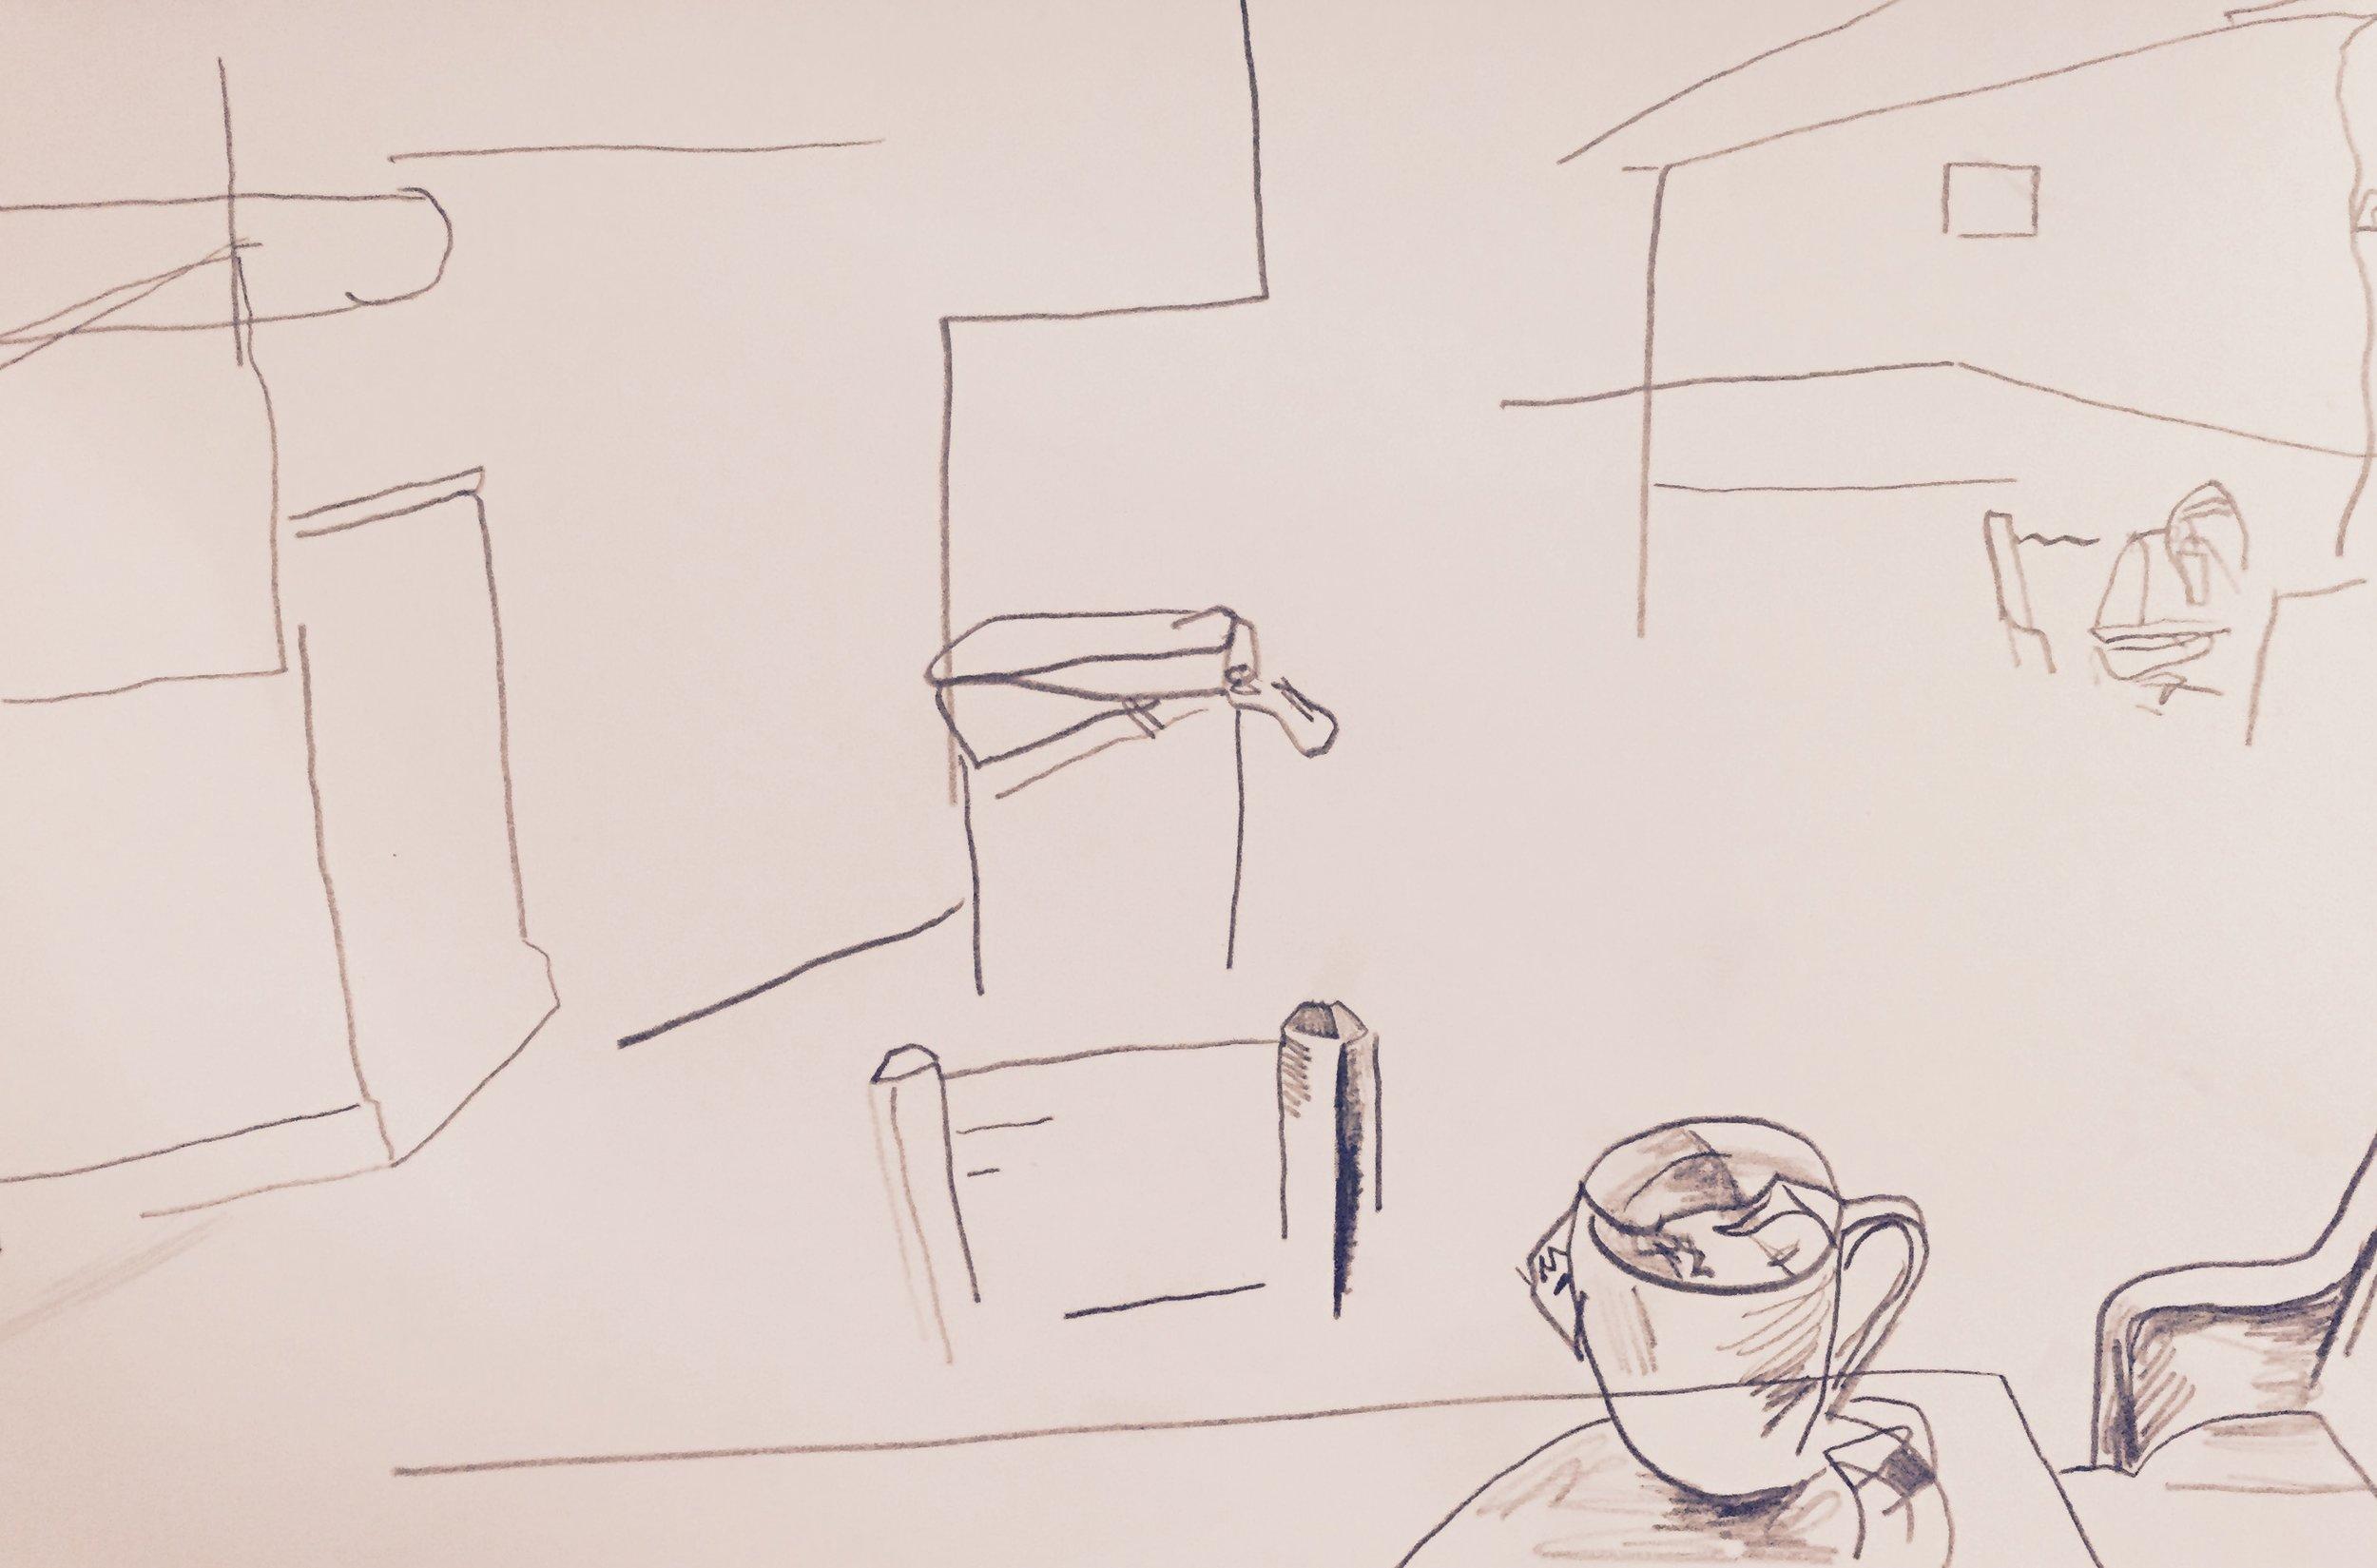 Fotini_Drawing1.jpg